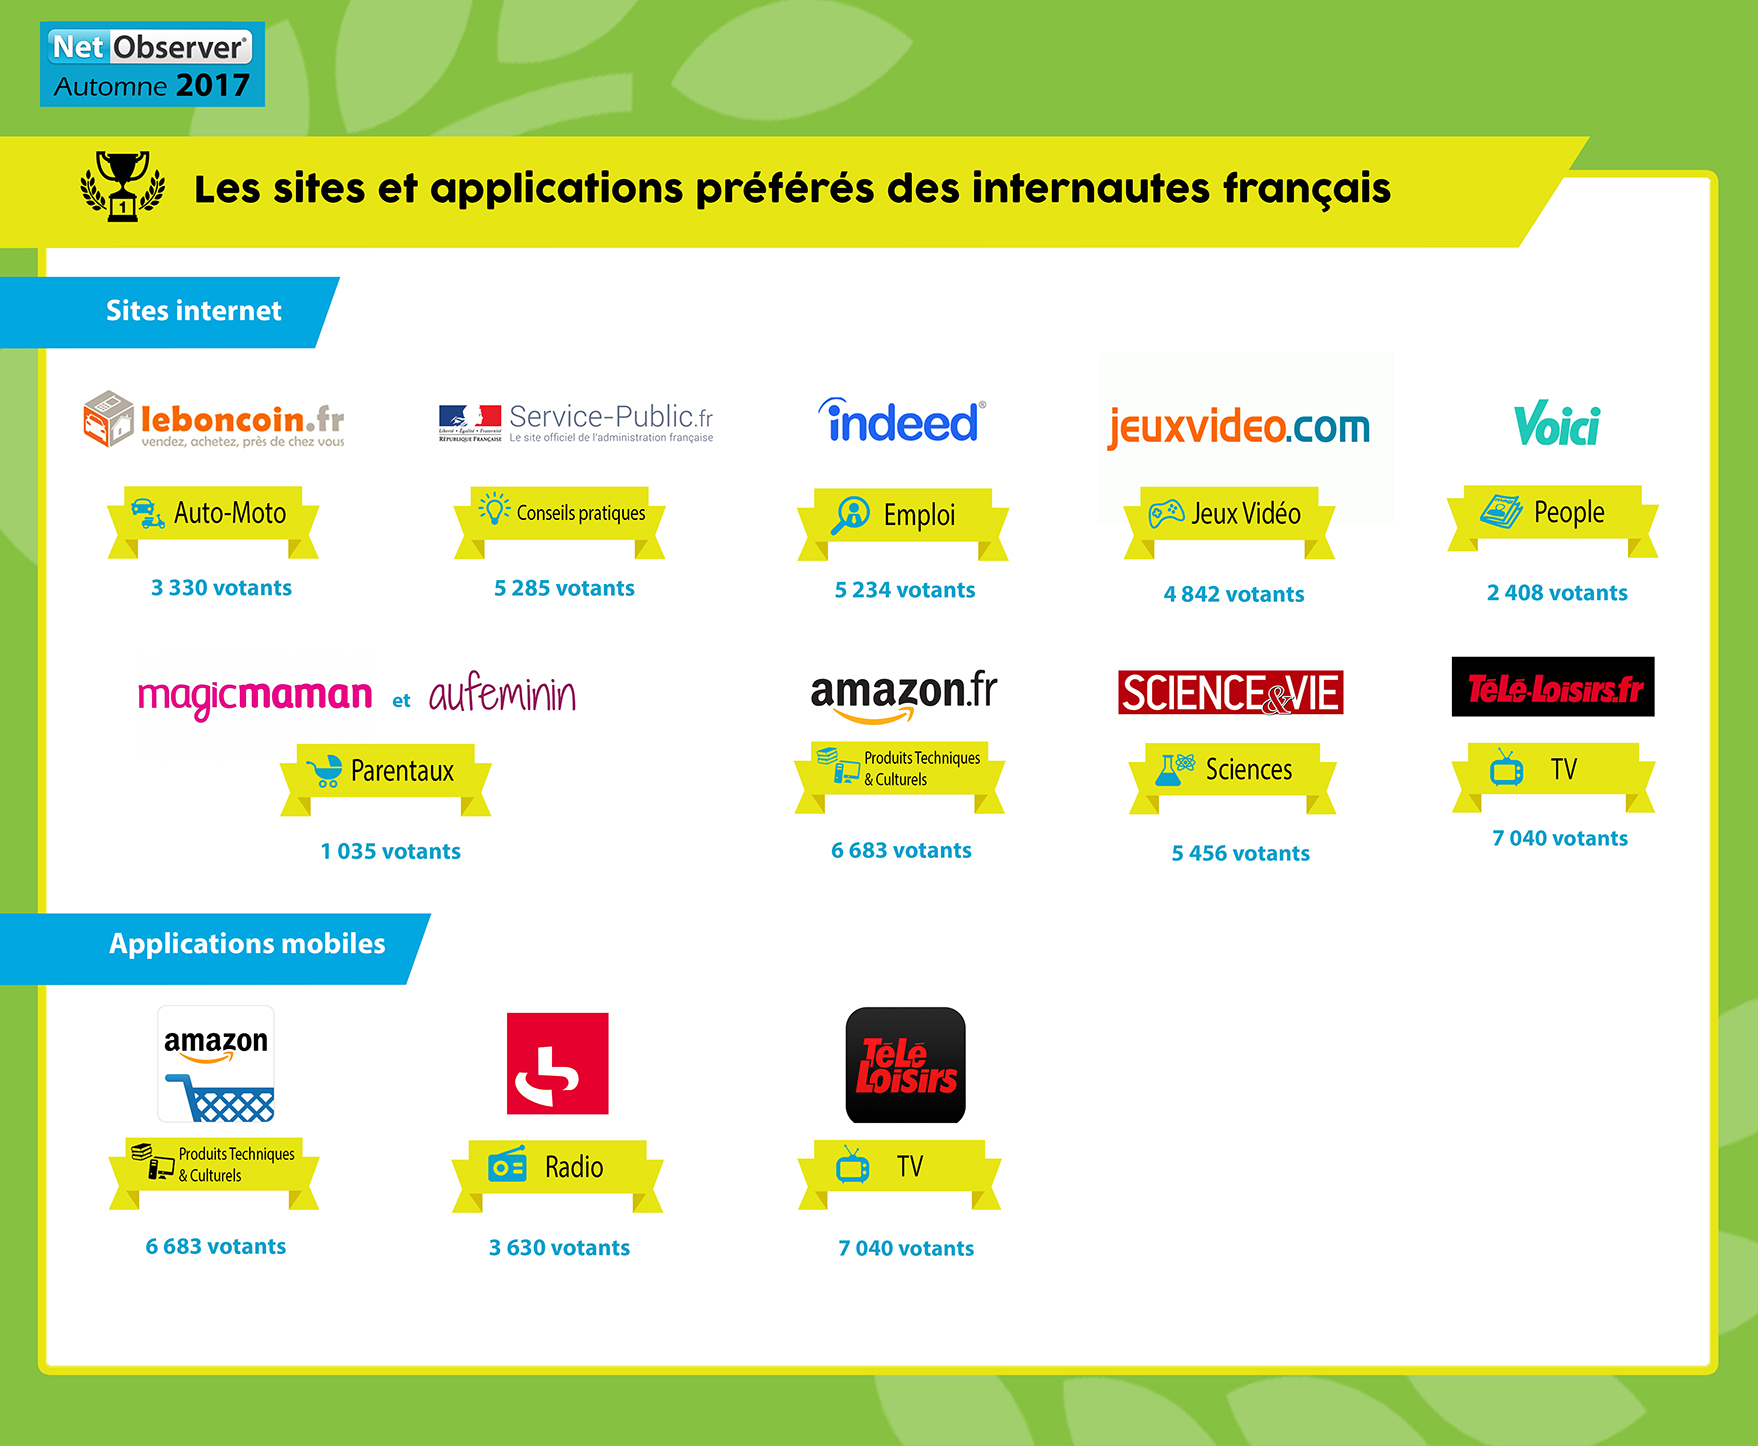 Les sites et applications préférées des internautes